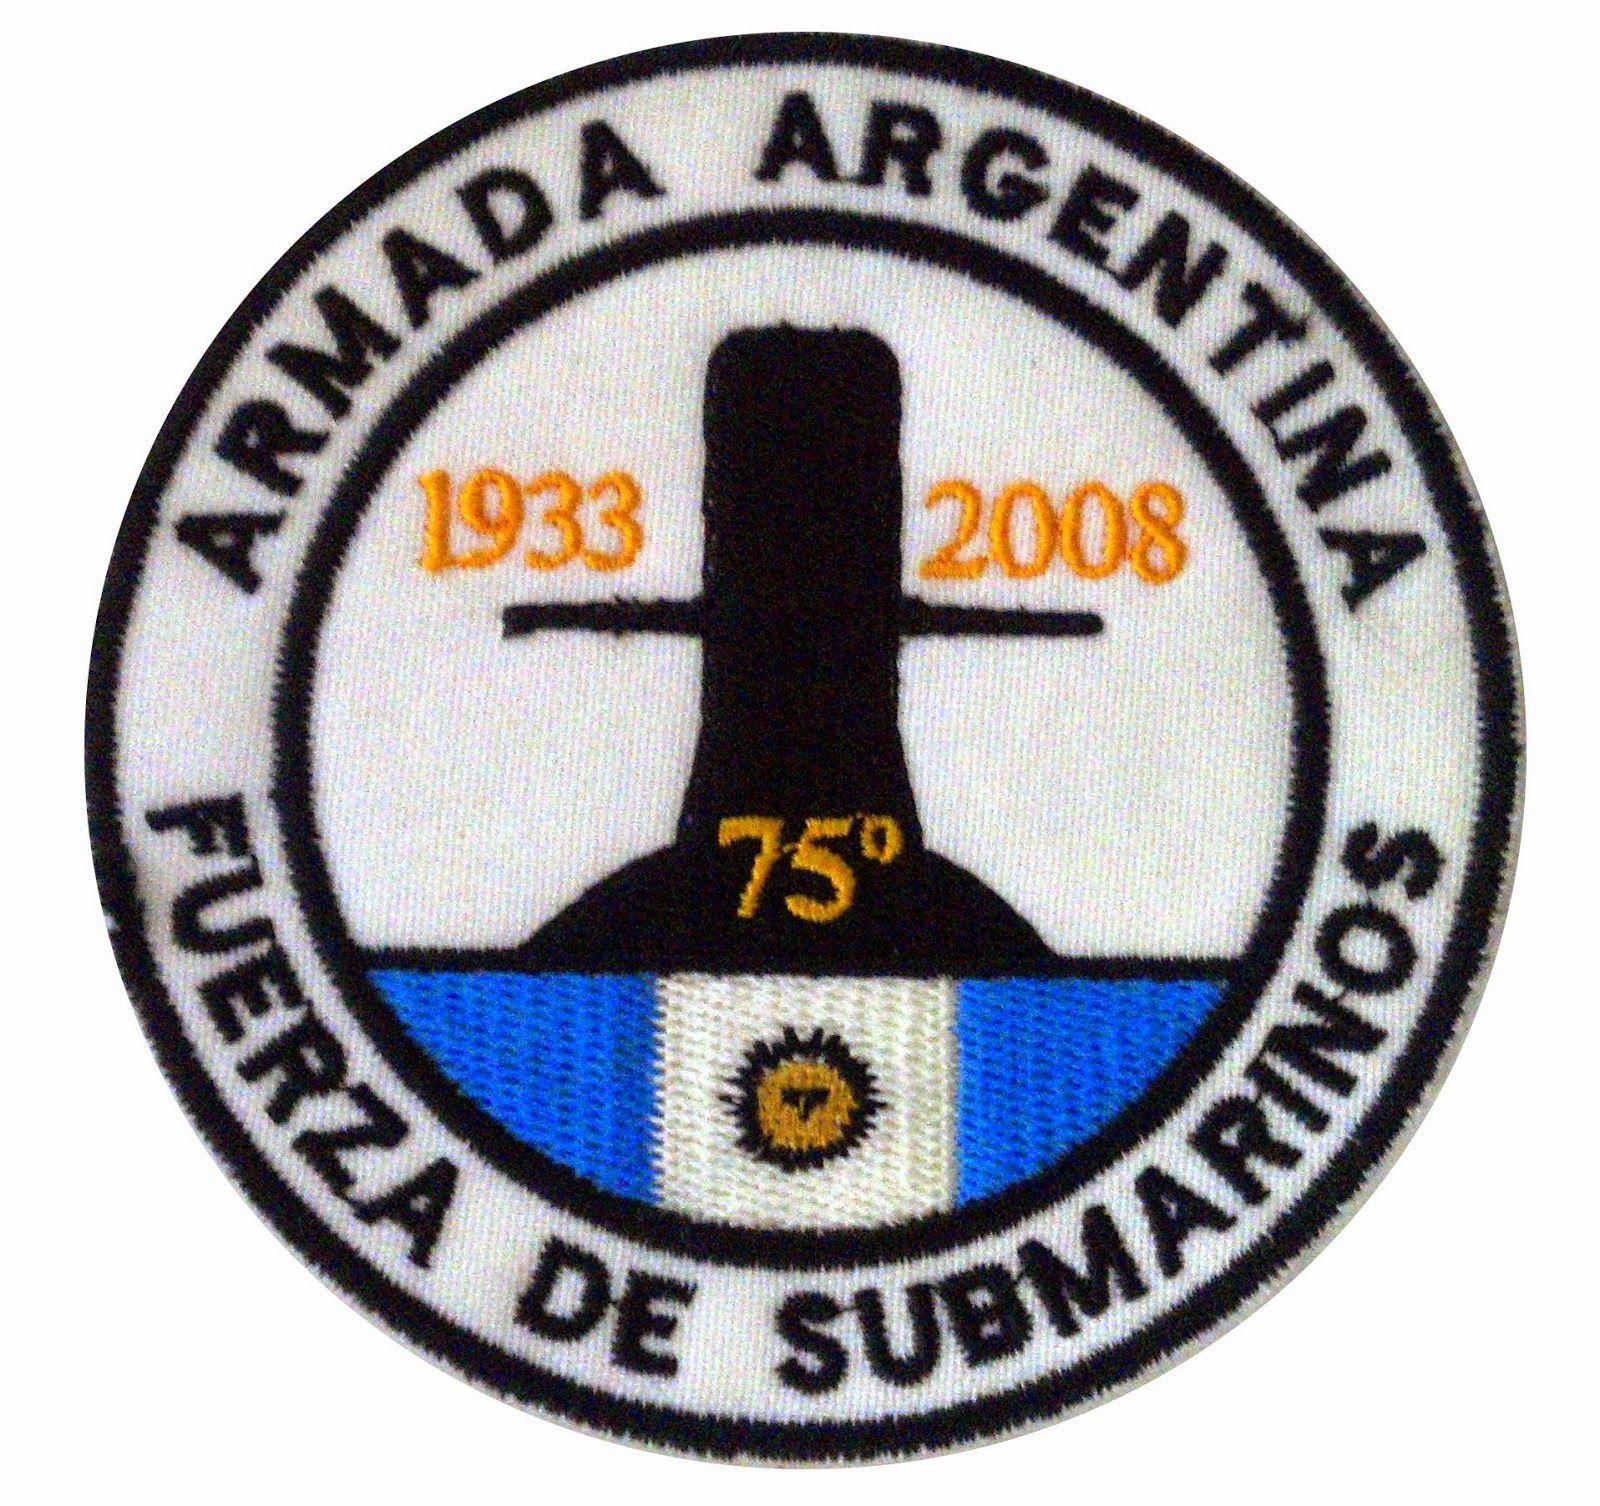 Parches de las Fuerzas Armadas Argentinas  Fuerza de Submarinos ... 5e4cd35f241